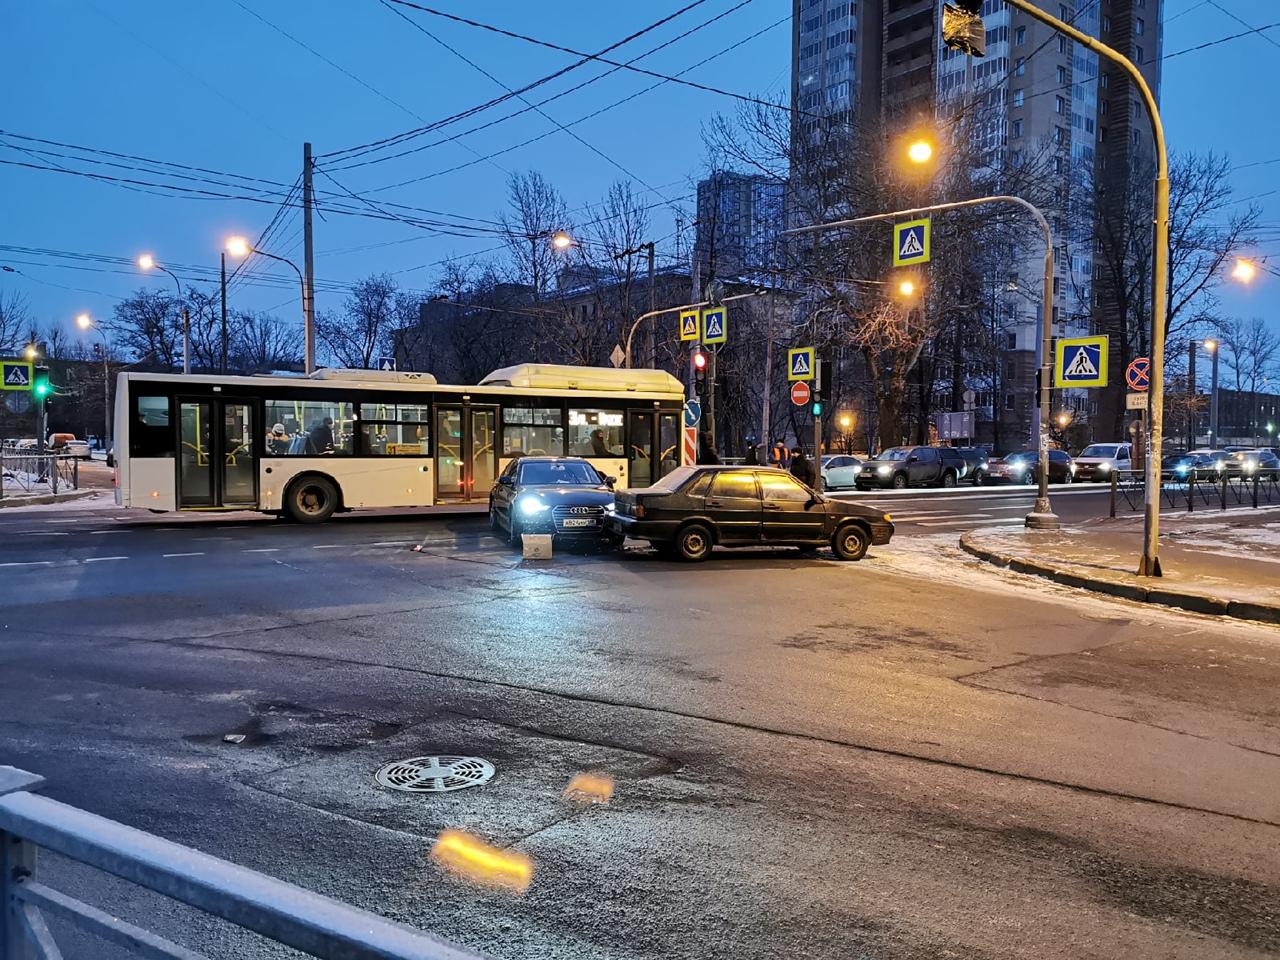 На перекрестке Цимбилина и Седова небольшое ДТП устроили ВАЗ 2115 и Audi